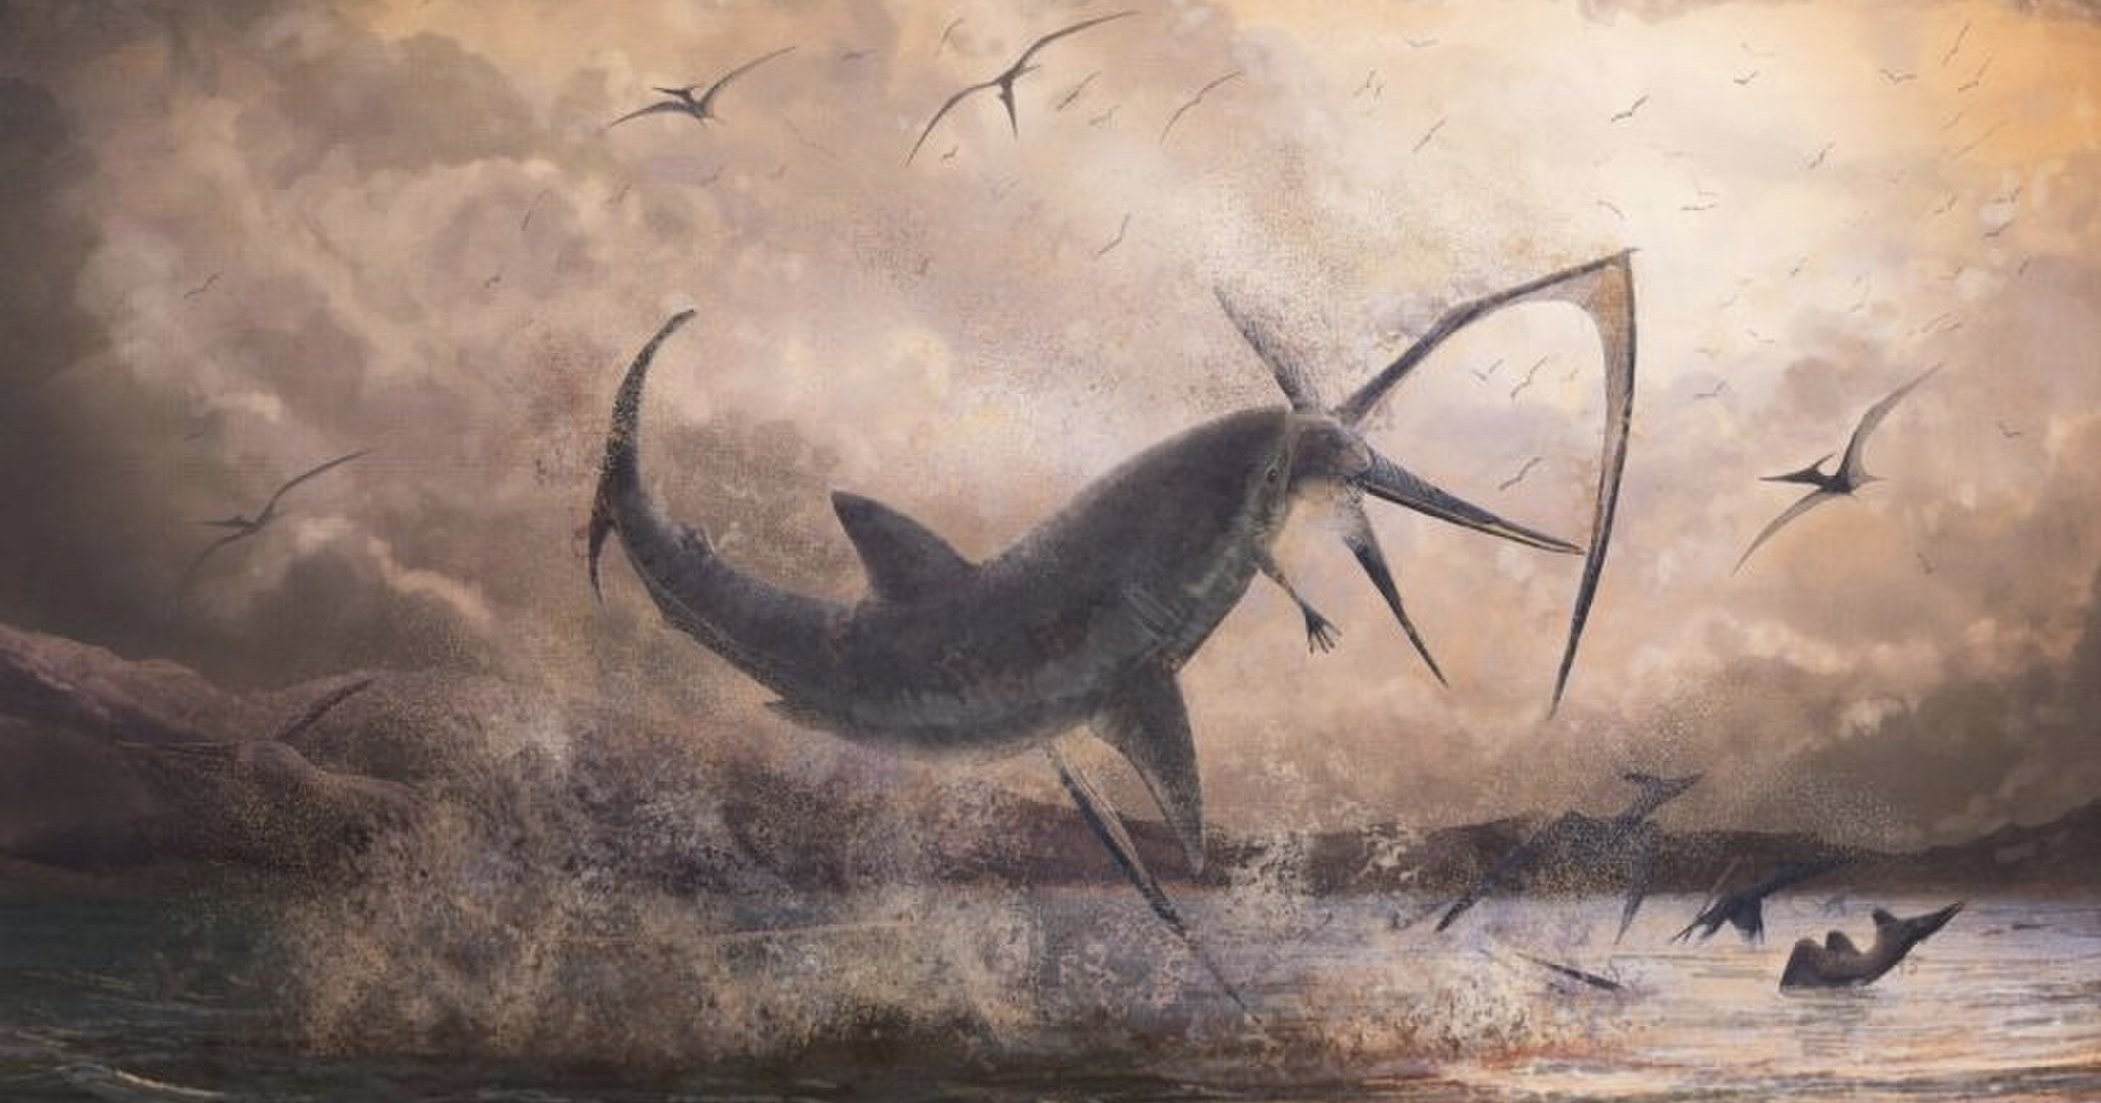 Застрявший в скелете птерозавра акулий зуб рассказал о древней схватке